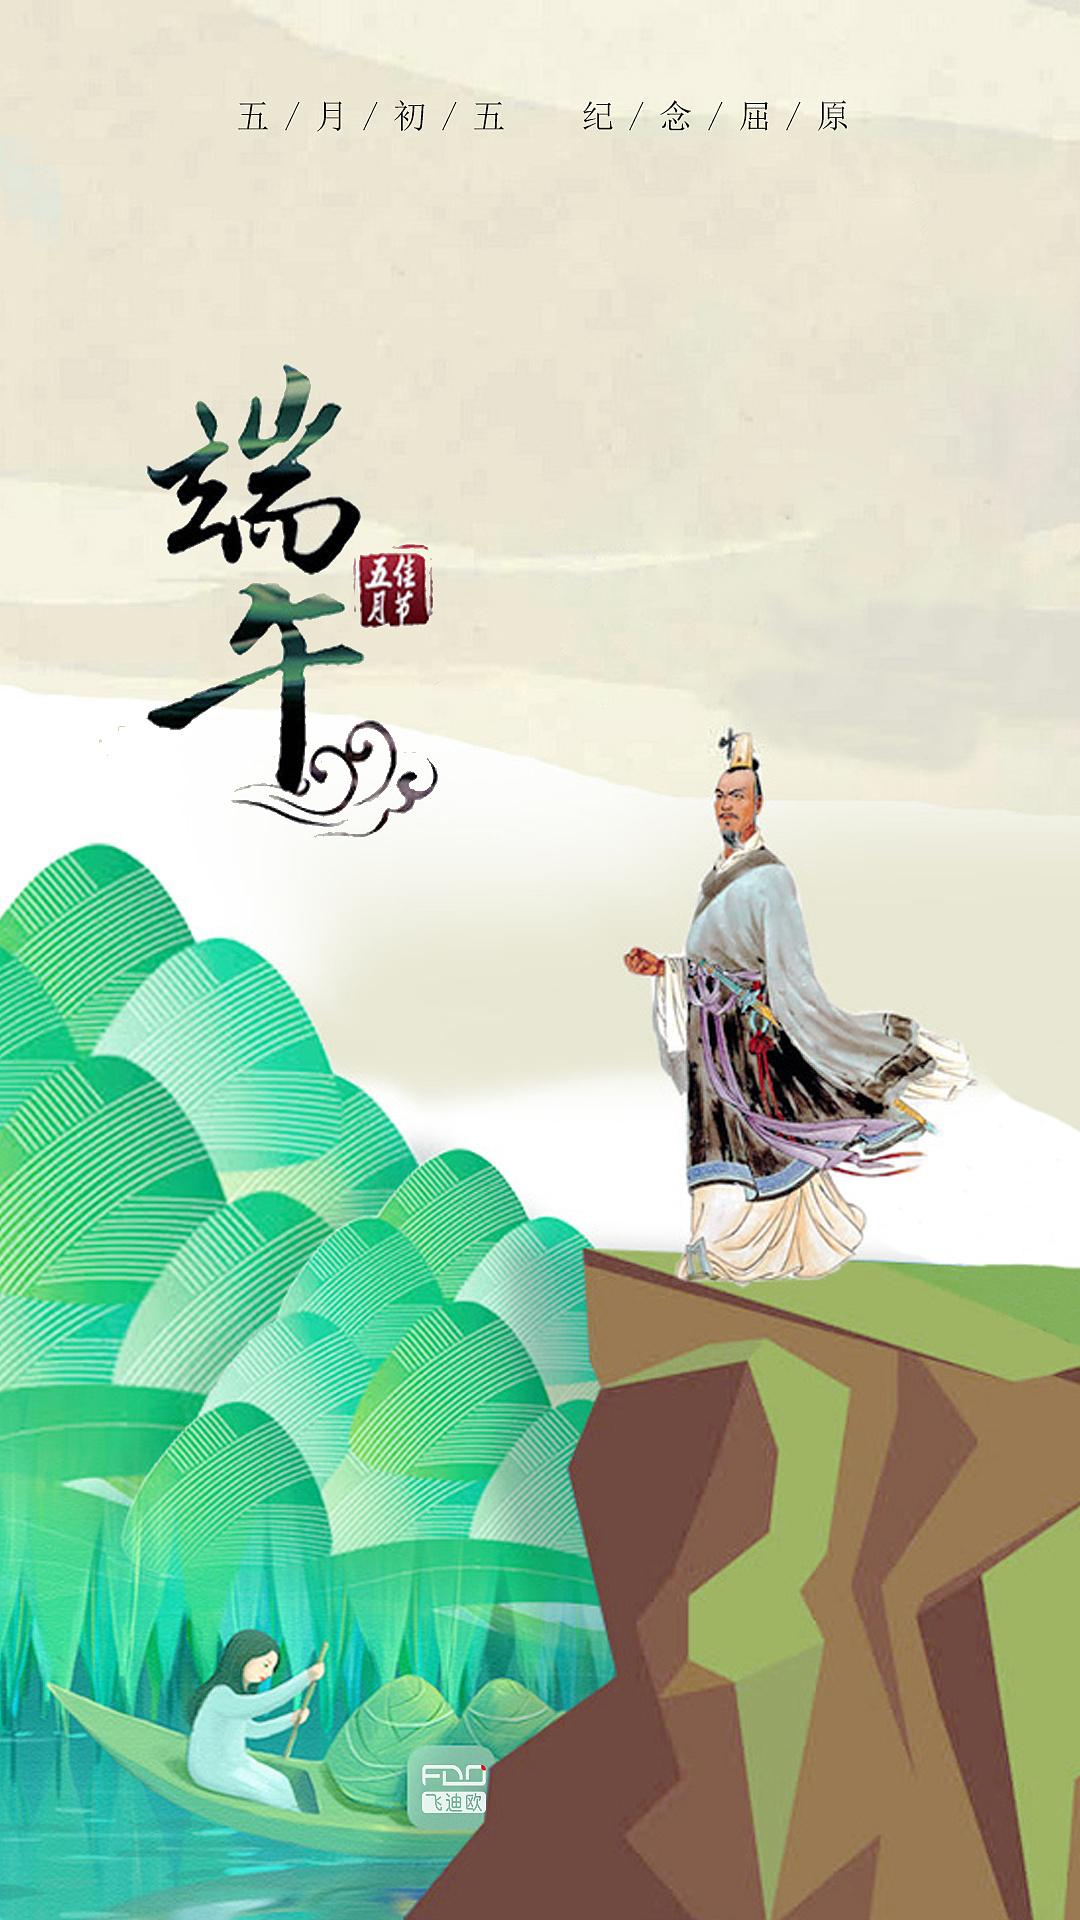 端午节海报系列 团圆 吃粽 纪念屈原